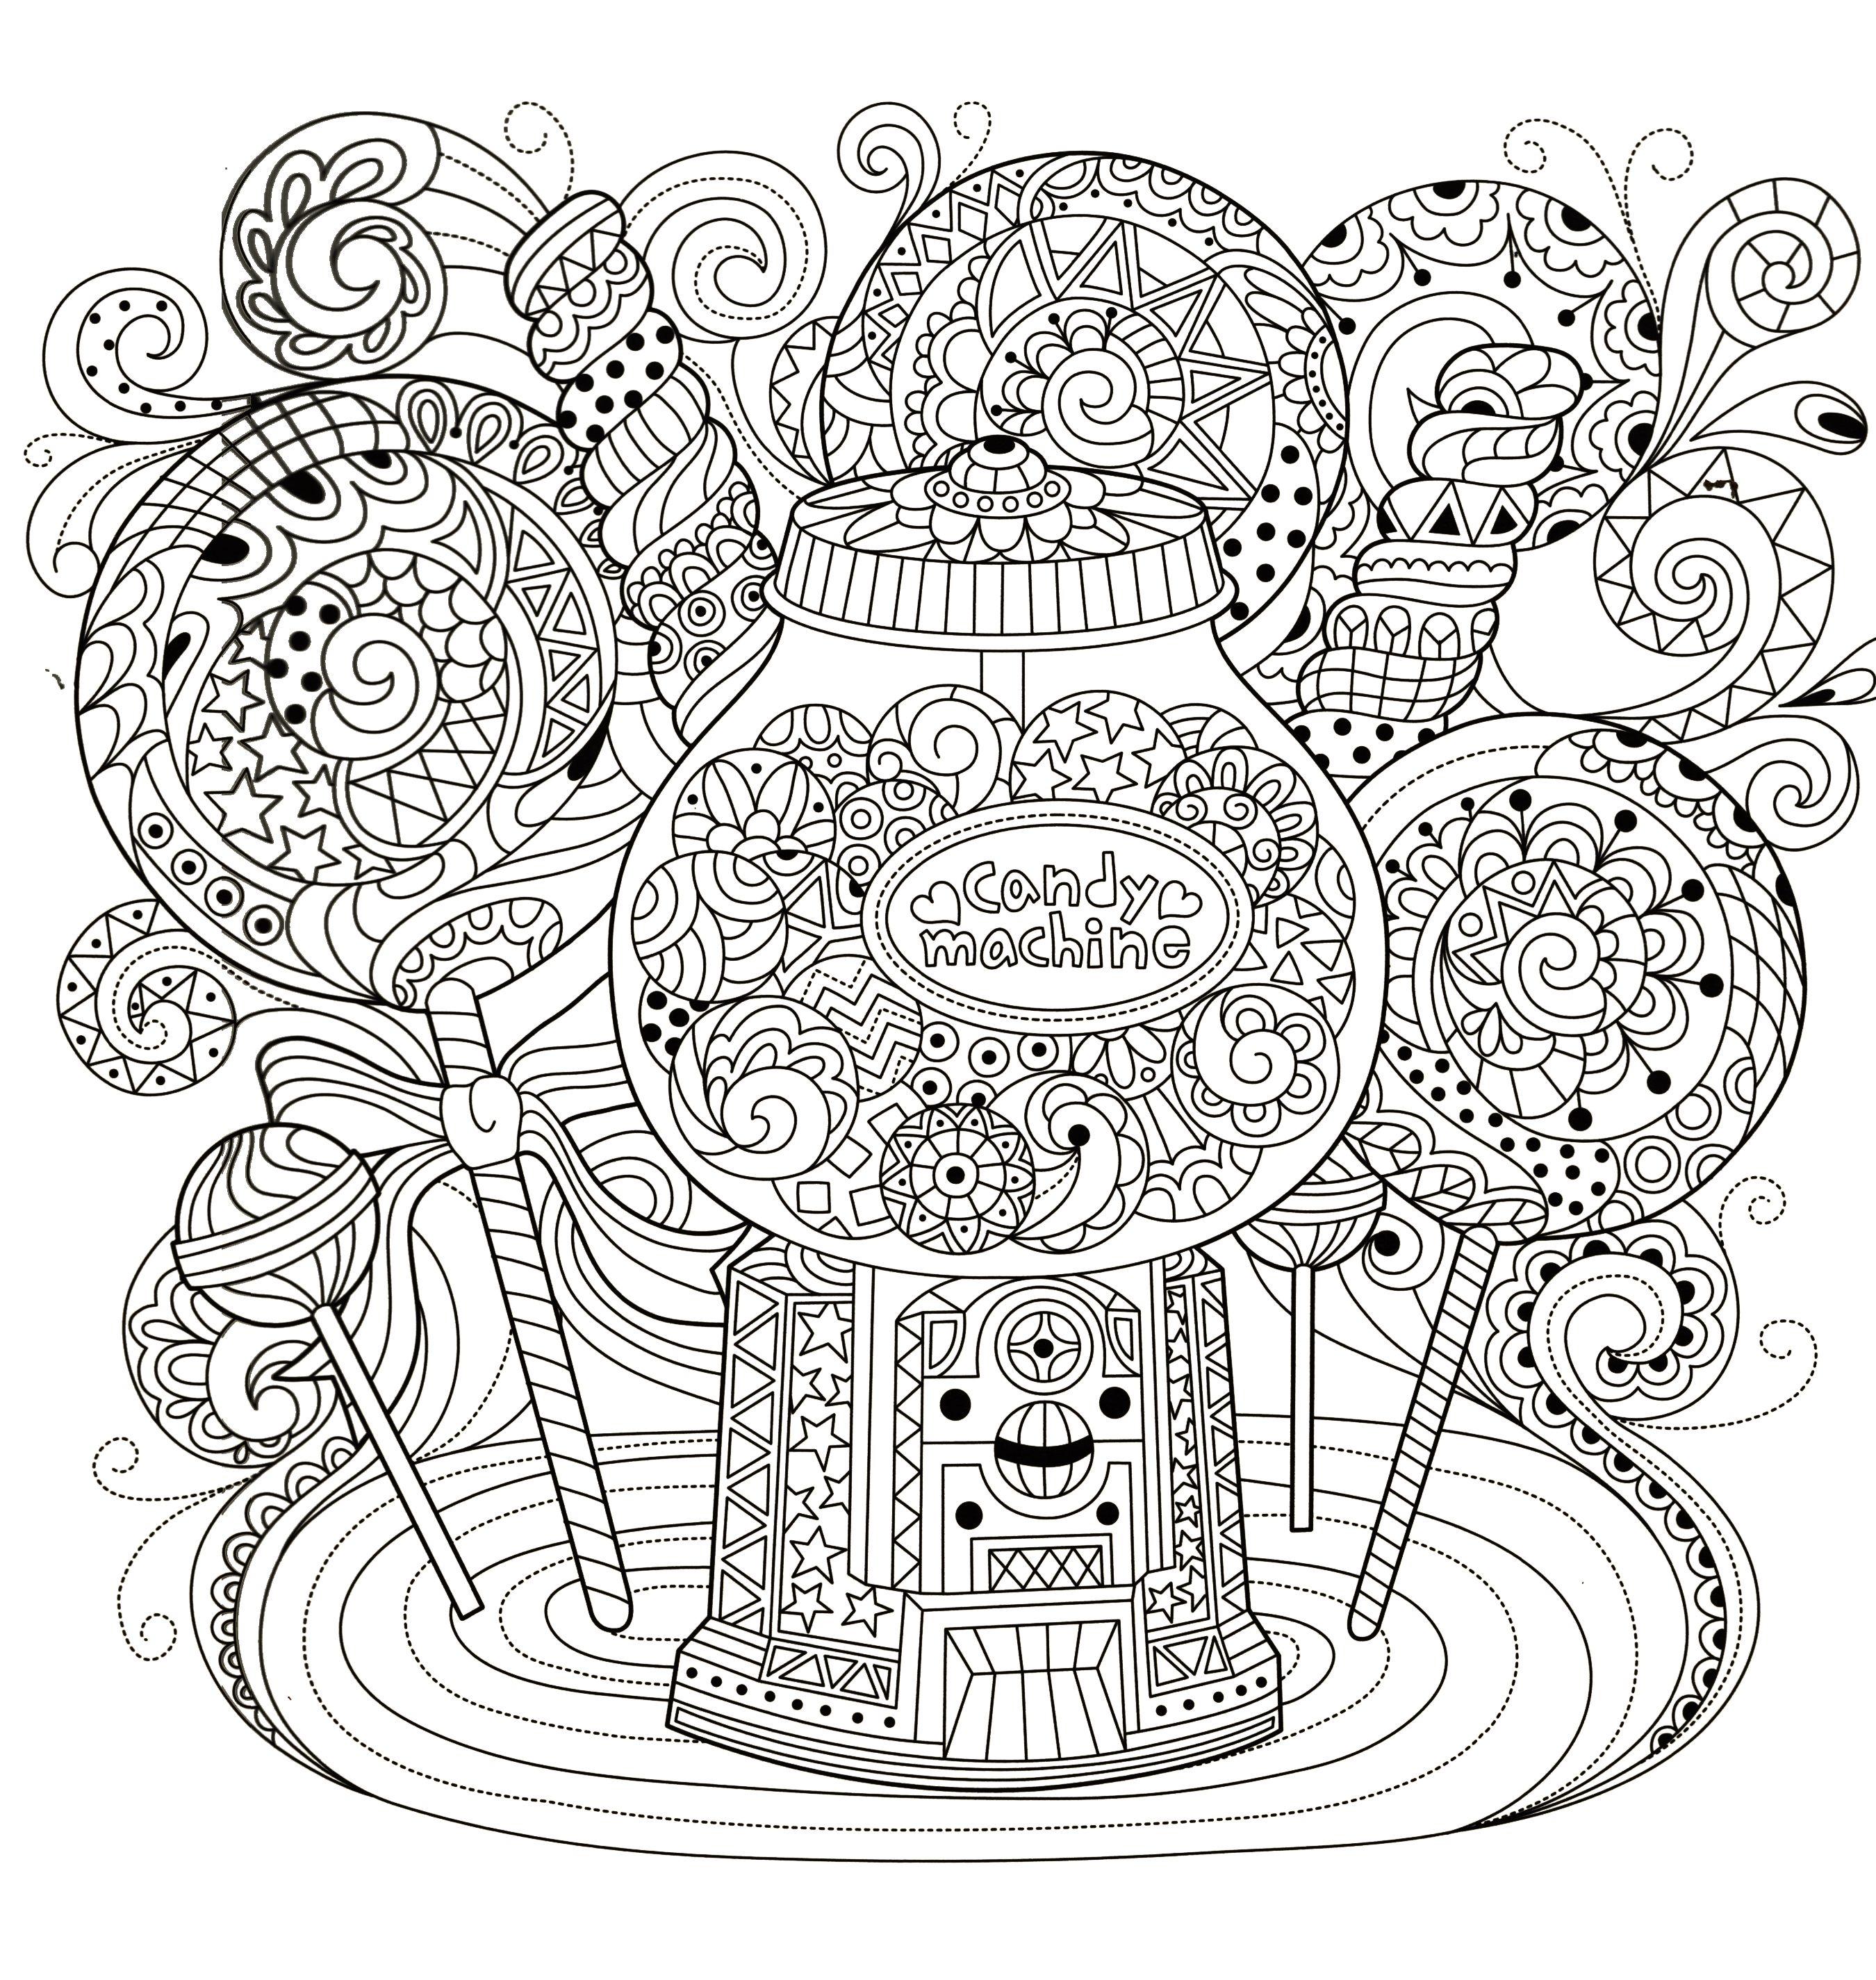 Pin von Jennifer Ross auf coloring | Pinterest | Ausmalen ...